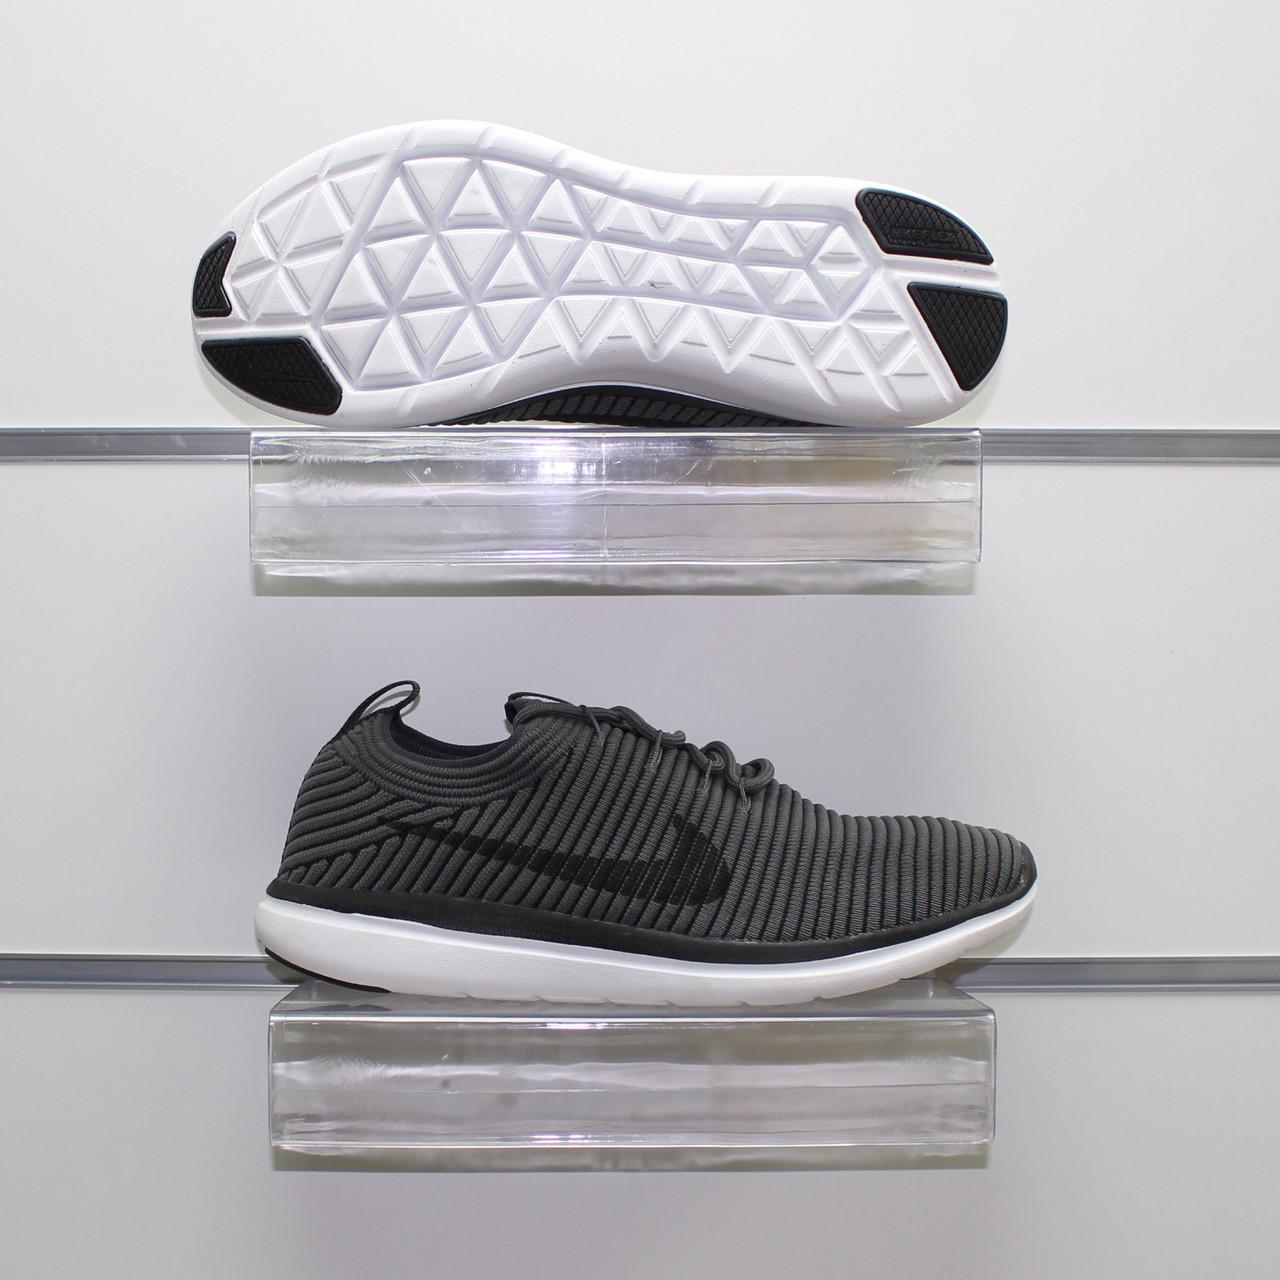 Мужские летние кроссовки серые, текстиль Nike Flyknit G